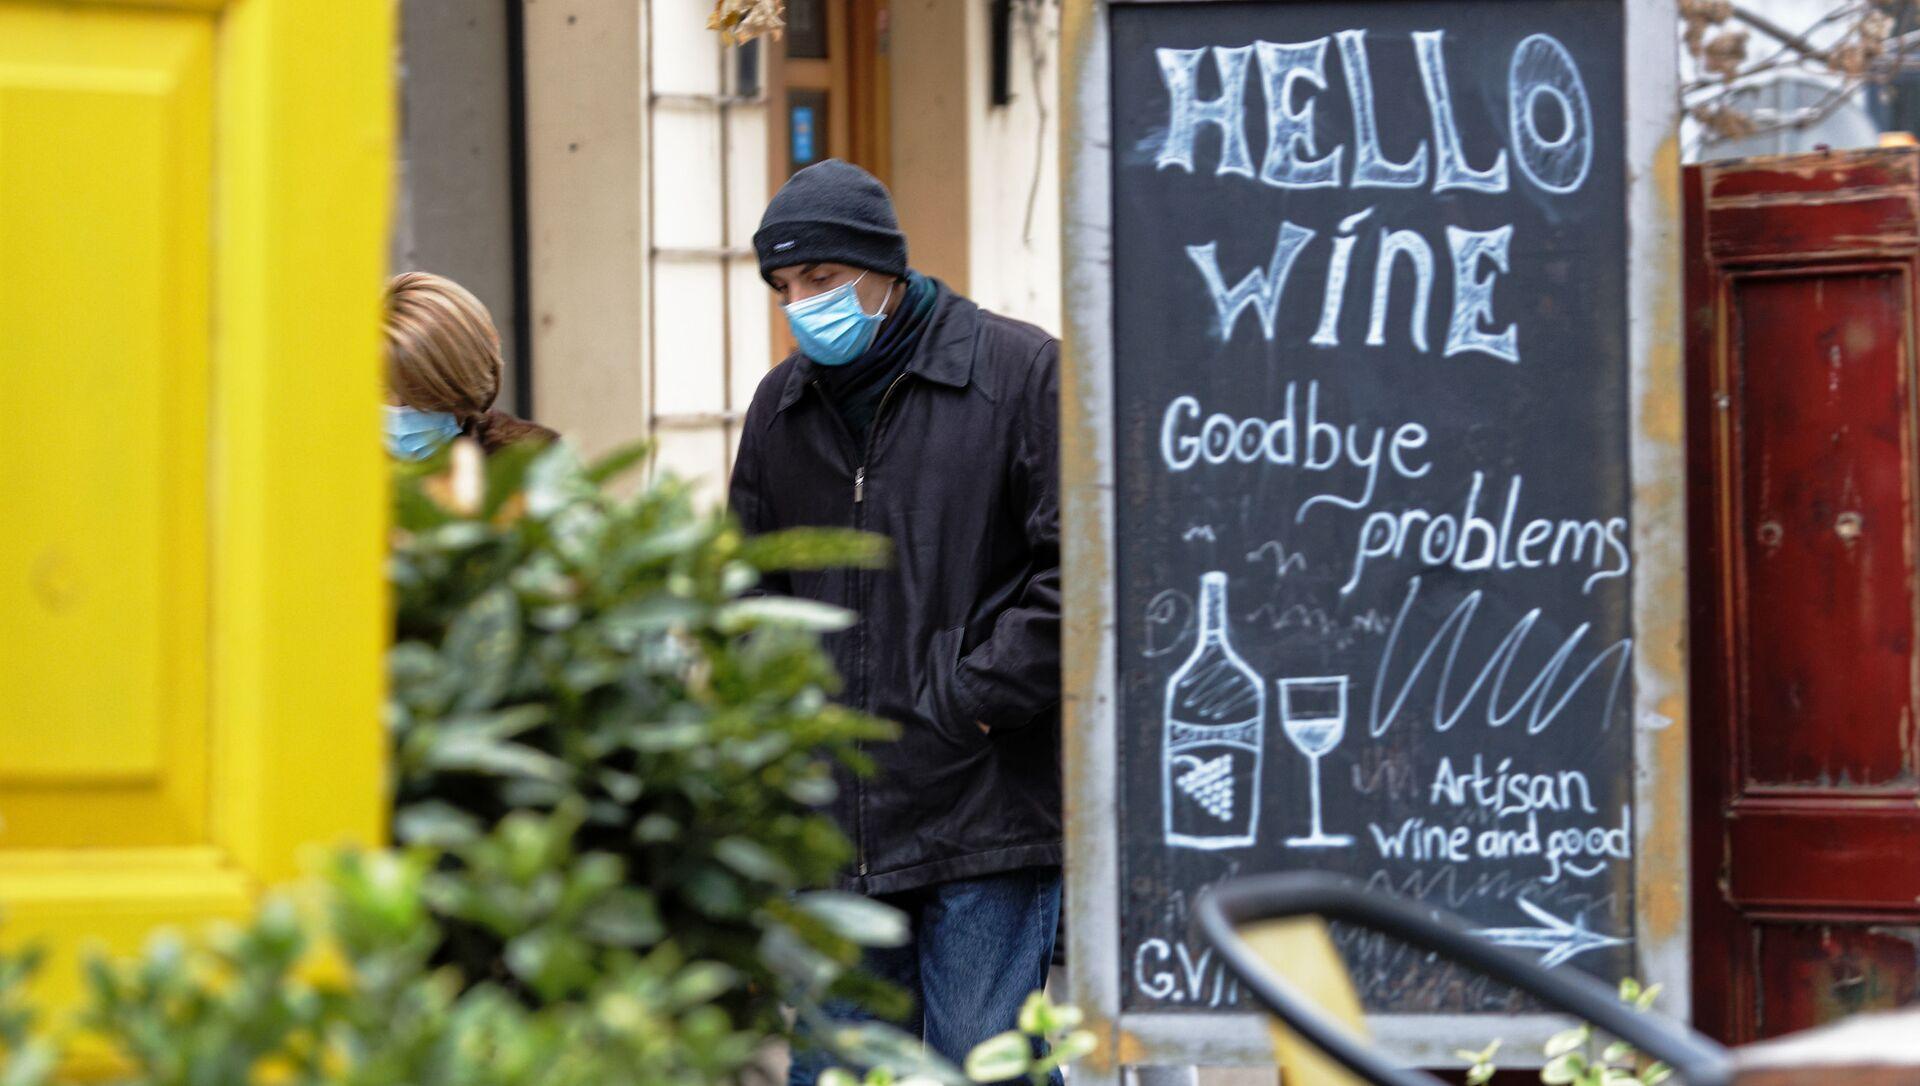 Эпидемия коронавируса - пожилой мужчина в маске идет мимо закрытых на карантин ресторанов - Sputnik Грузия, 1920, 15.02.2021